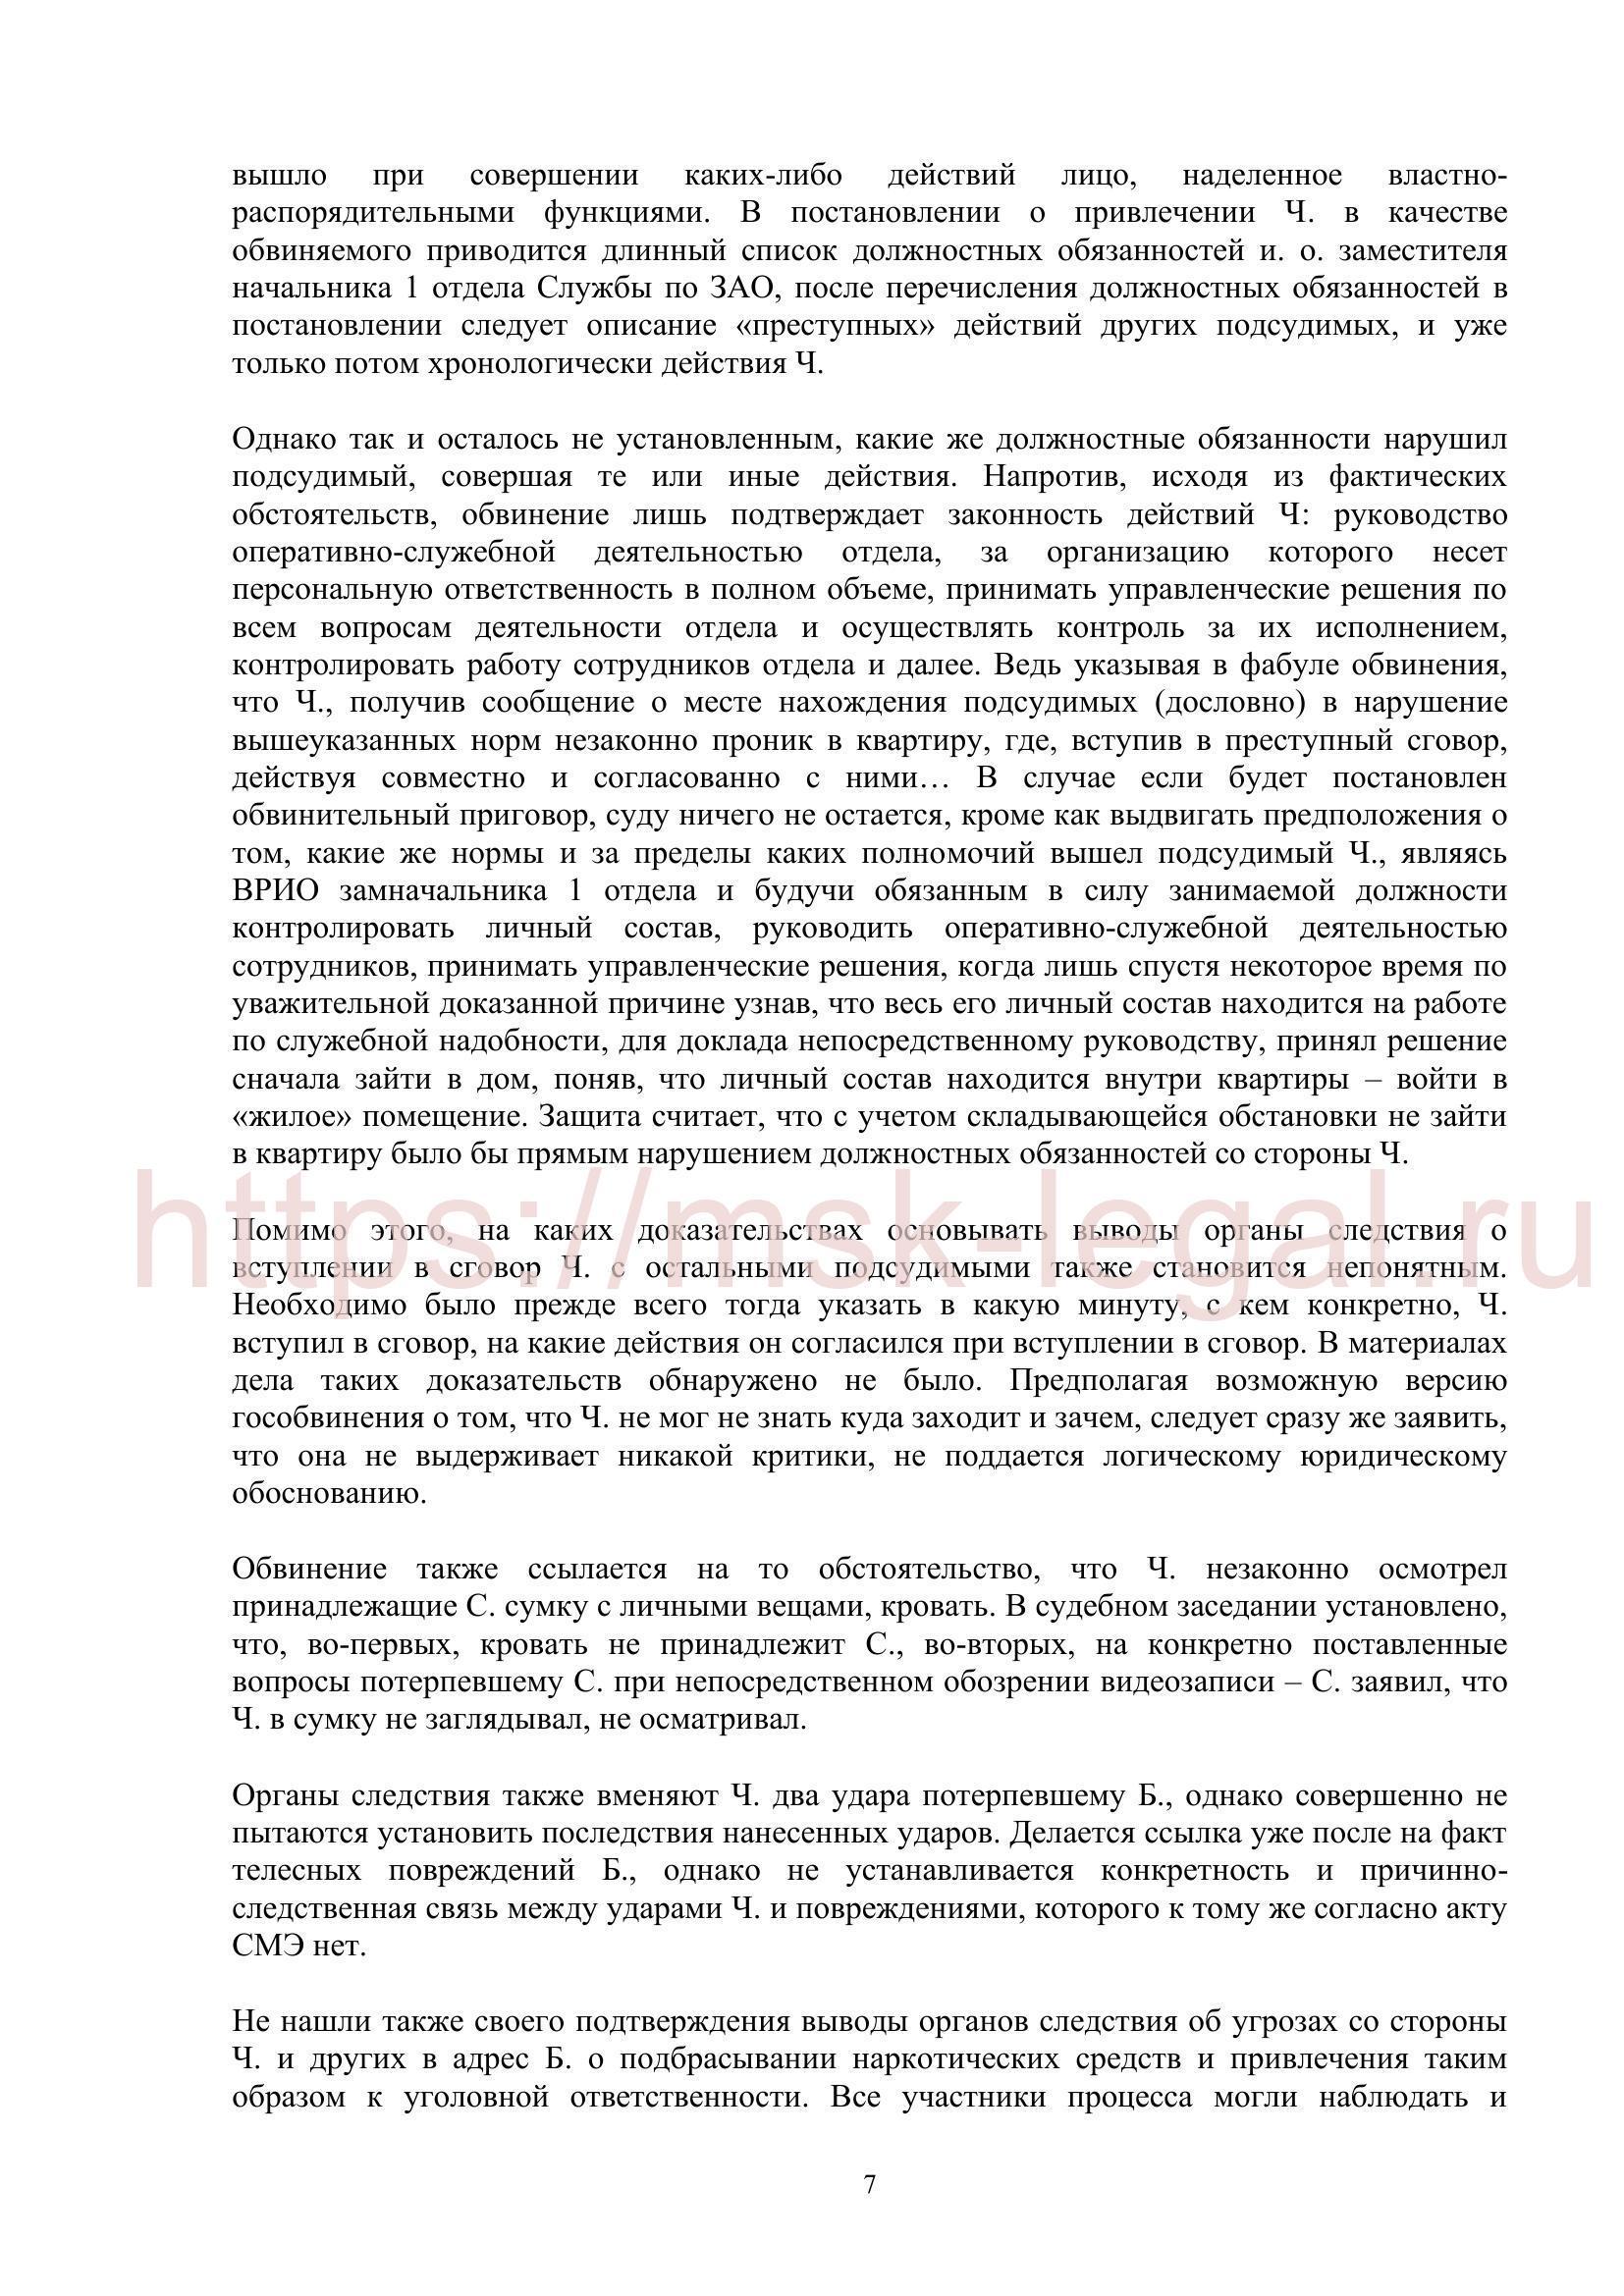 Прения адвоката Хоруженко А. С. по ст. 286 УК РФ